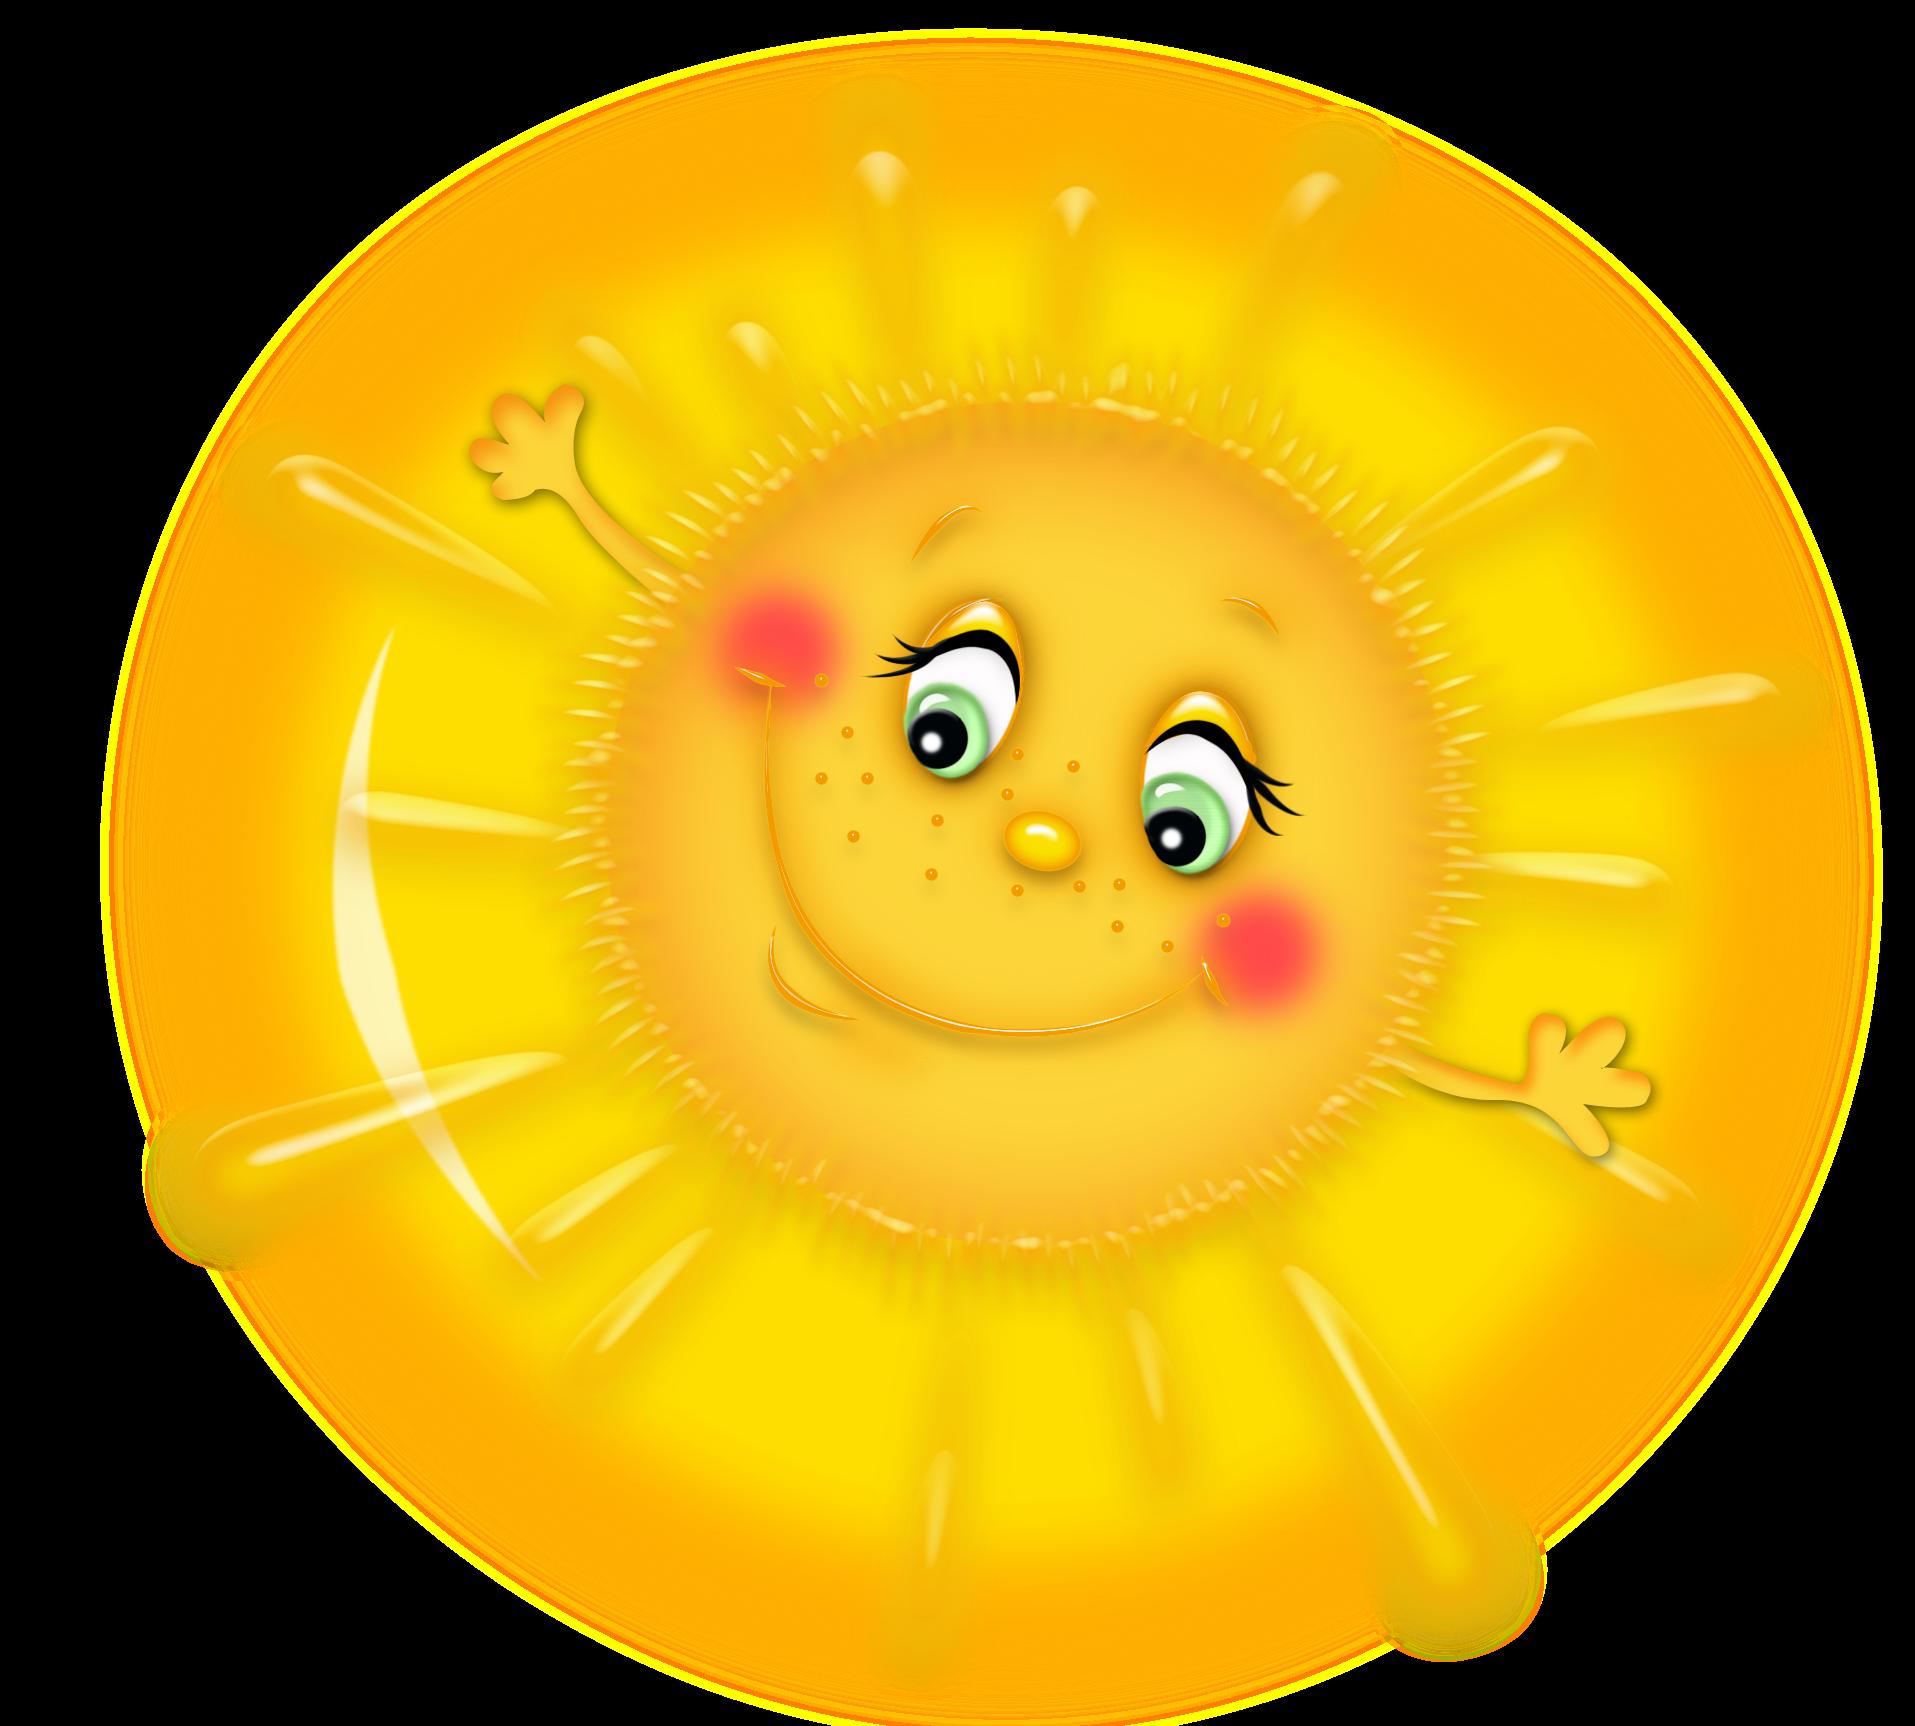 продаже картинка солнечного лучика короны, сразу решила